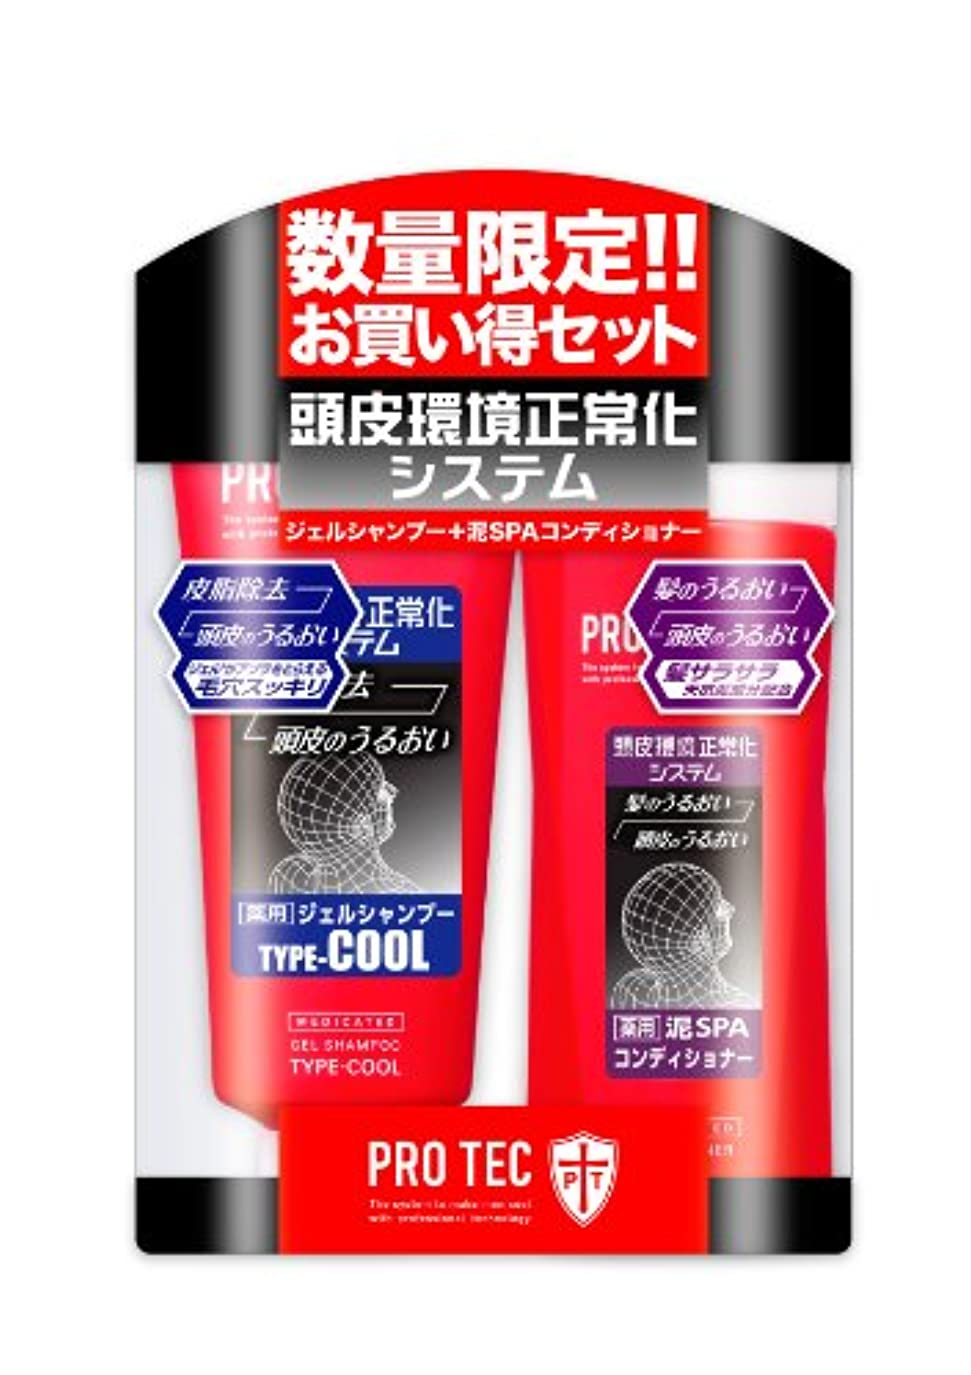 のヒープ独占争いPRO TEC ジェルシャンプーTYPE-COOL+泥SPAコンディショナーセット 180g+180mL